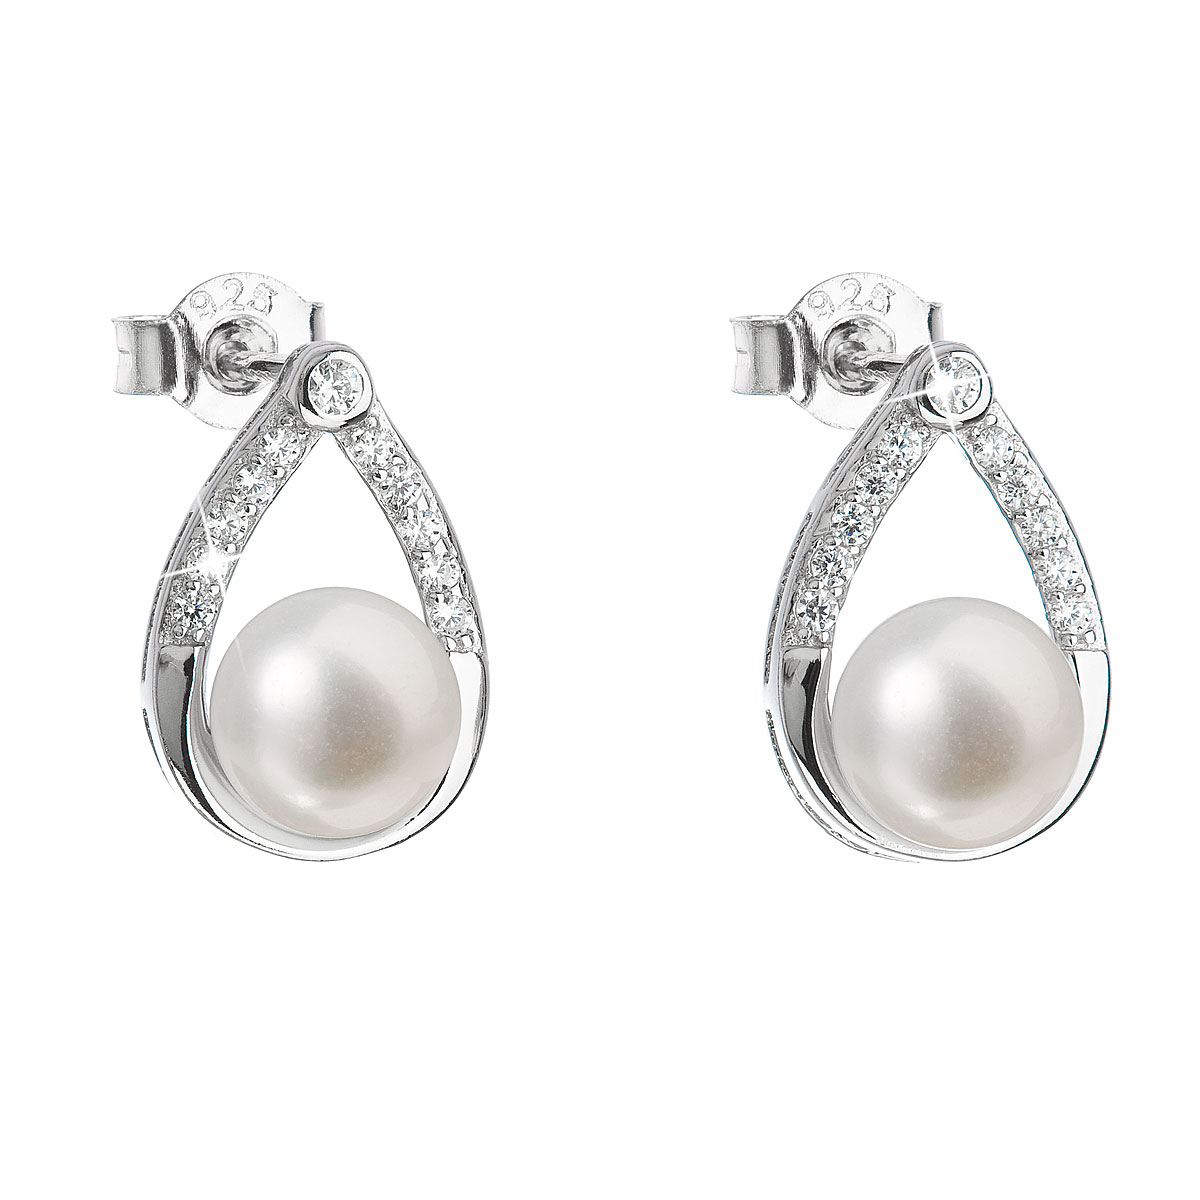 Stříbrné náušnice visací s bílou říční perlou 21033.1